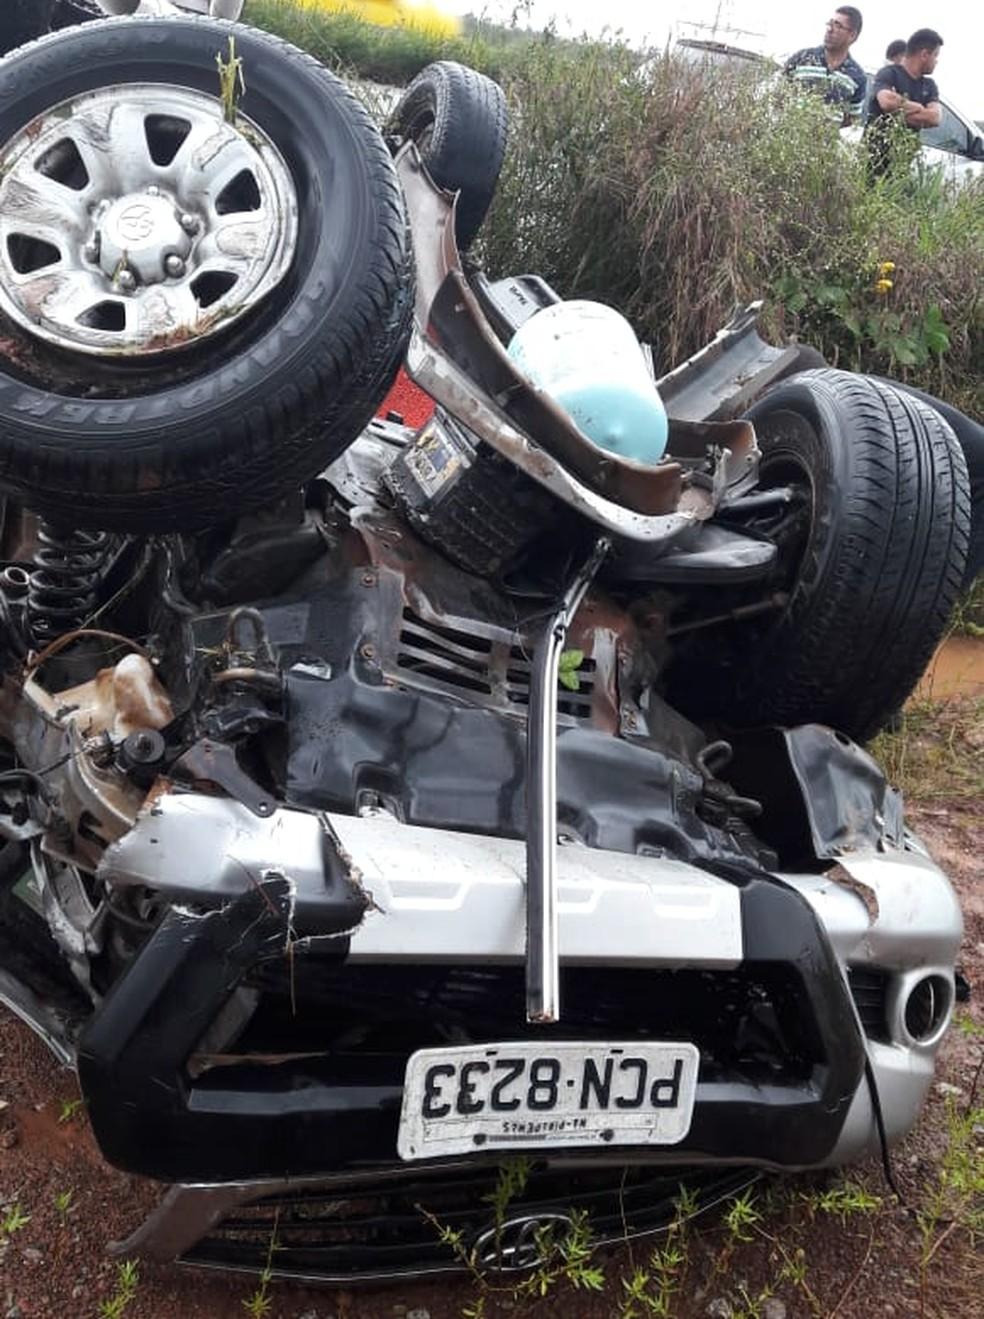 Veóículo ficou destruído após ter capotado no Campo de Peris, na região de Bacabeira (Foto: Divulgação/PRF)